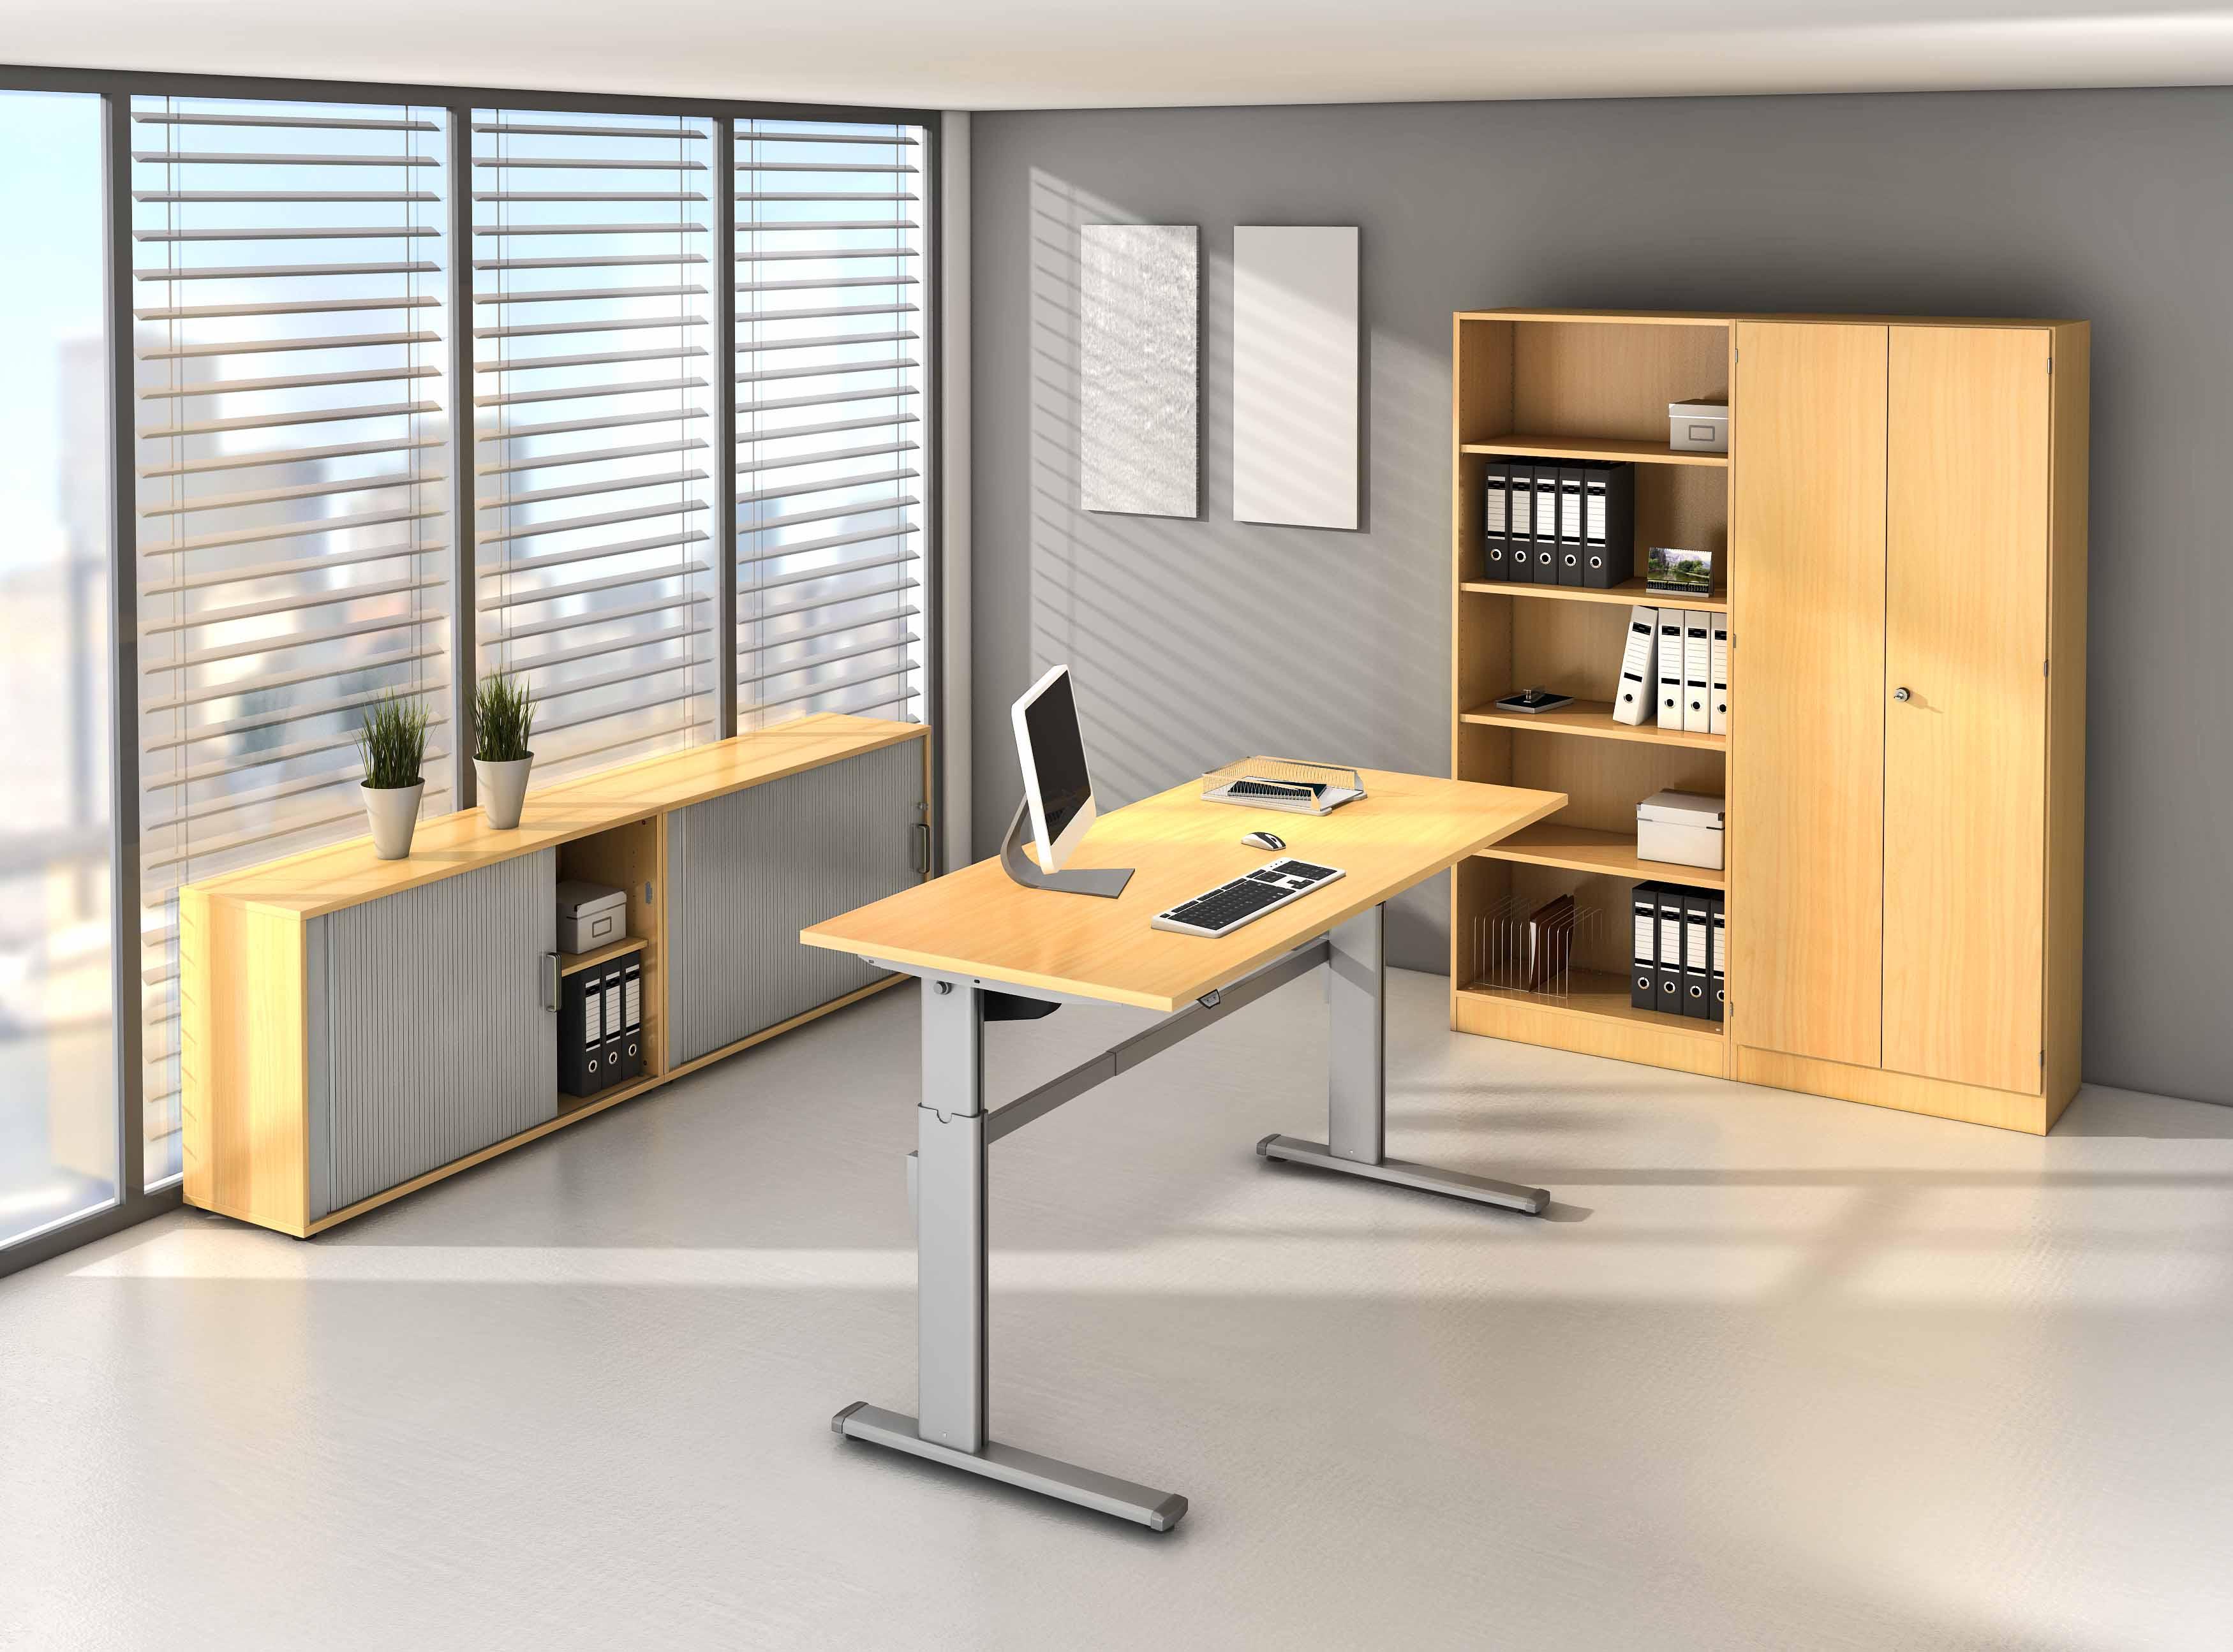 höhenverstellbarer Schreibtisch XMKA